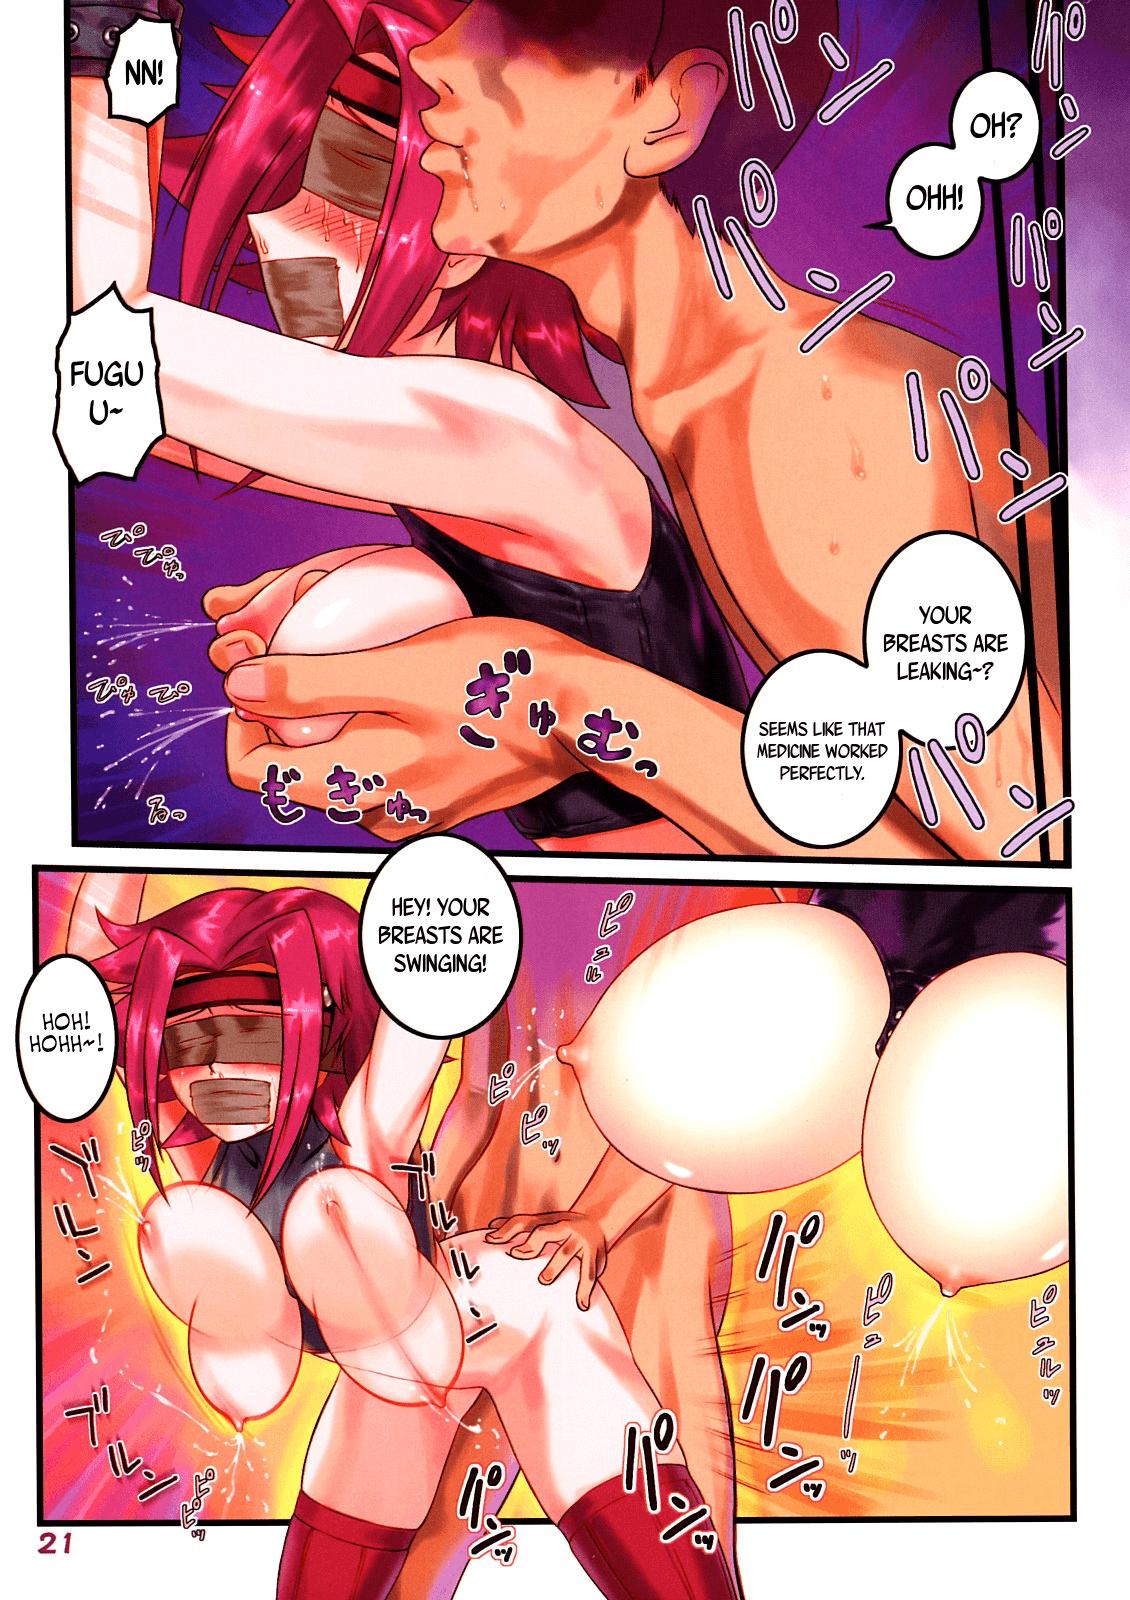 Code geass porn comics